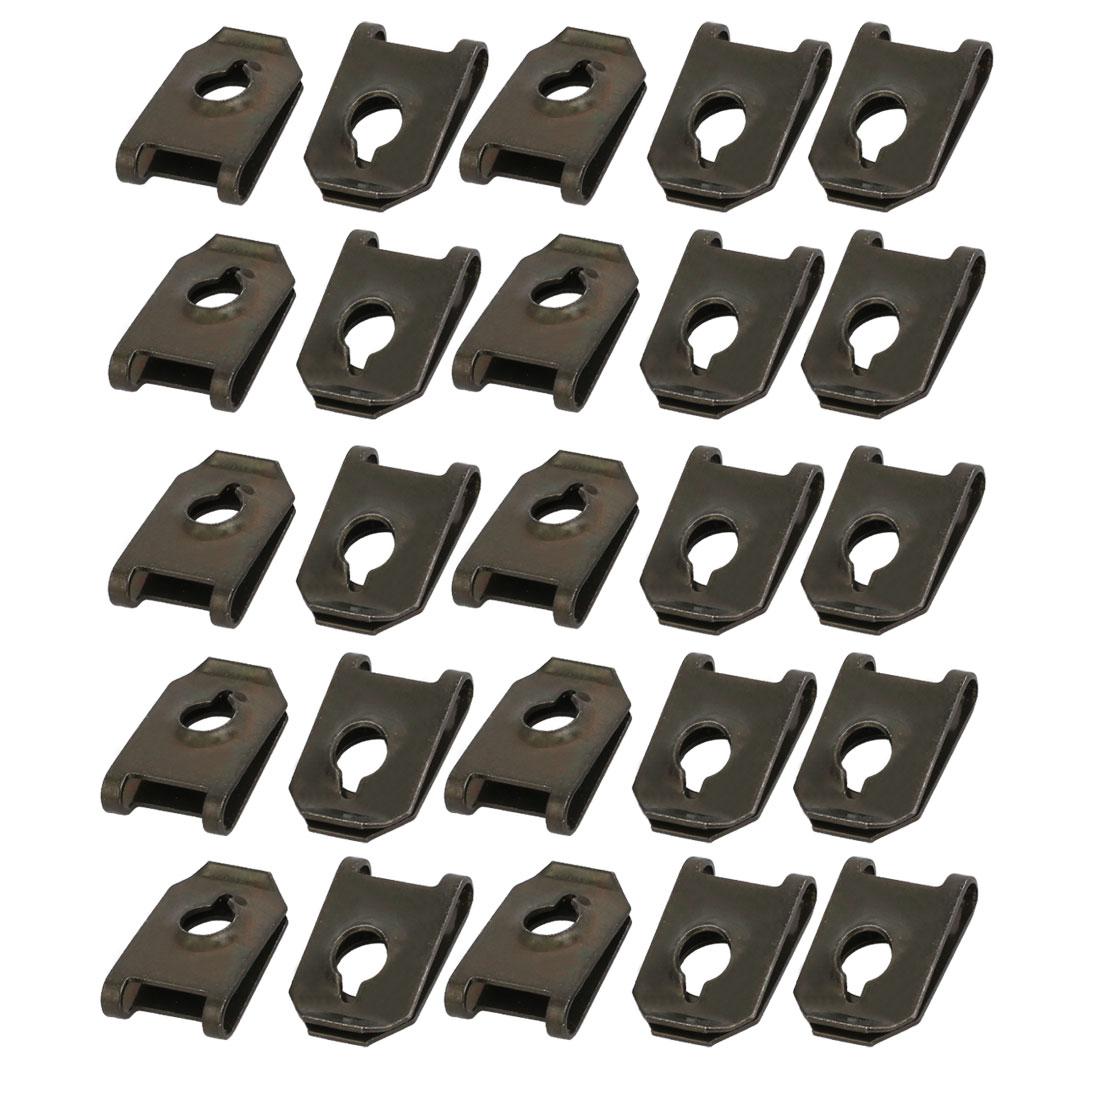 25pcs Fit ST6.3 Screw Size 65Mn Steel Speed Fastener U Nut Black 19.7mm x 12.6mm